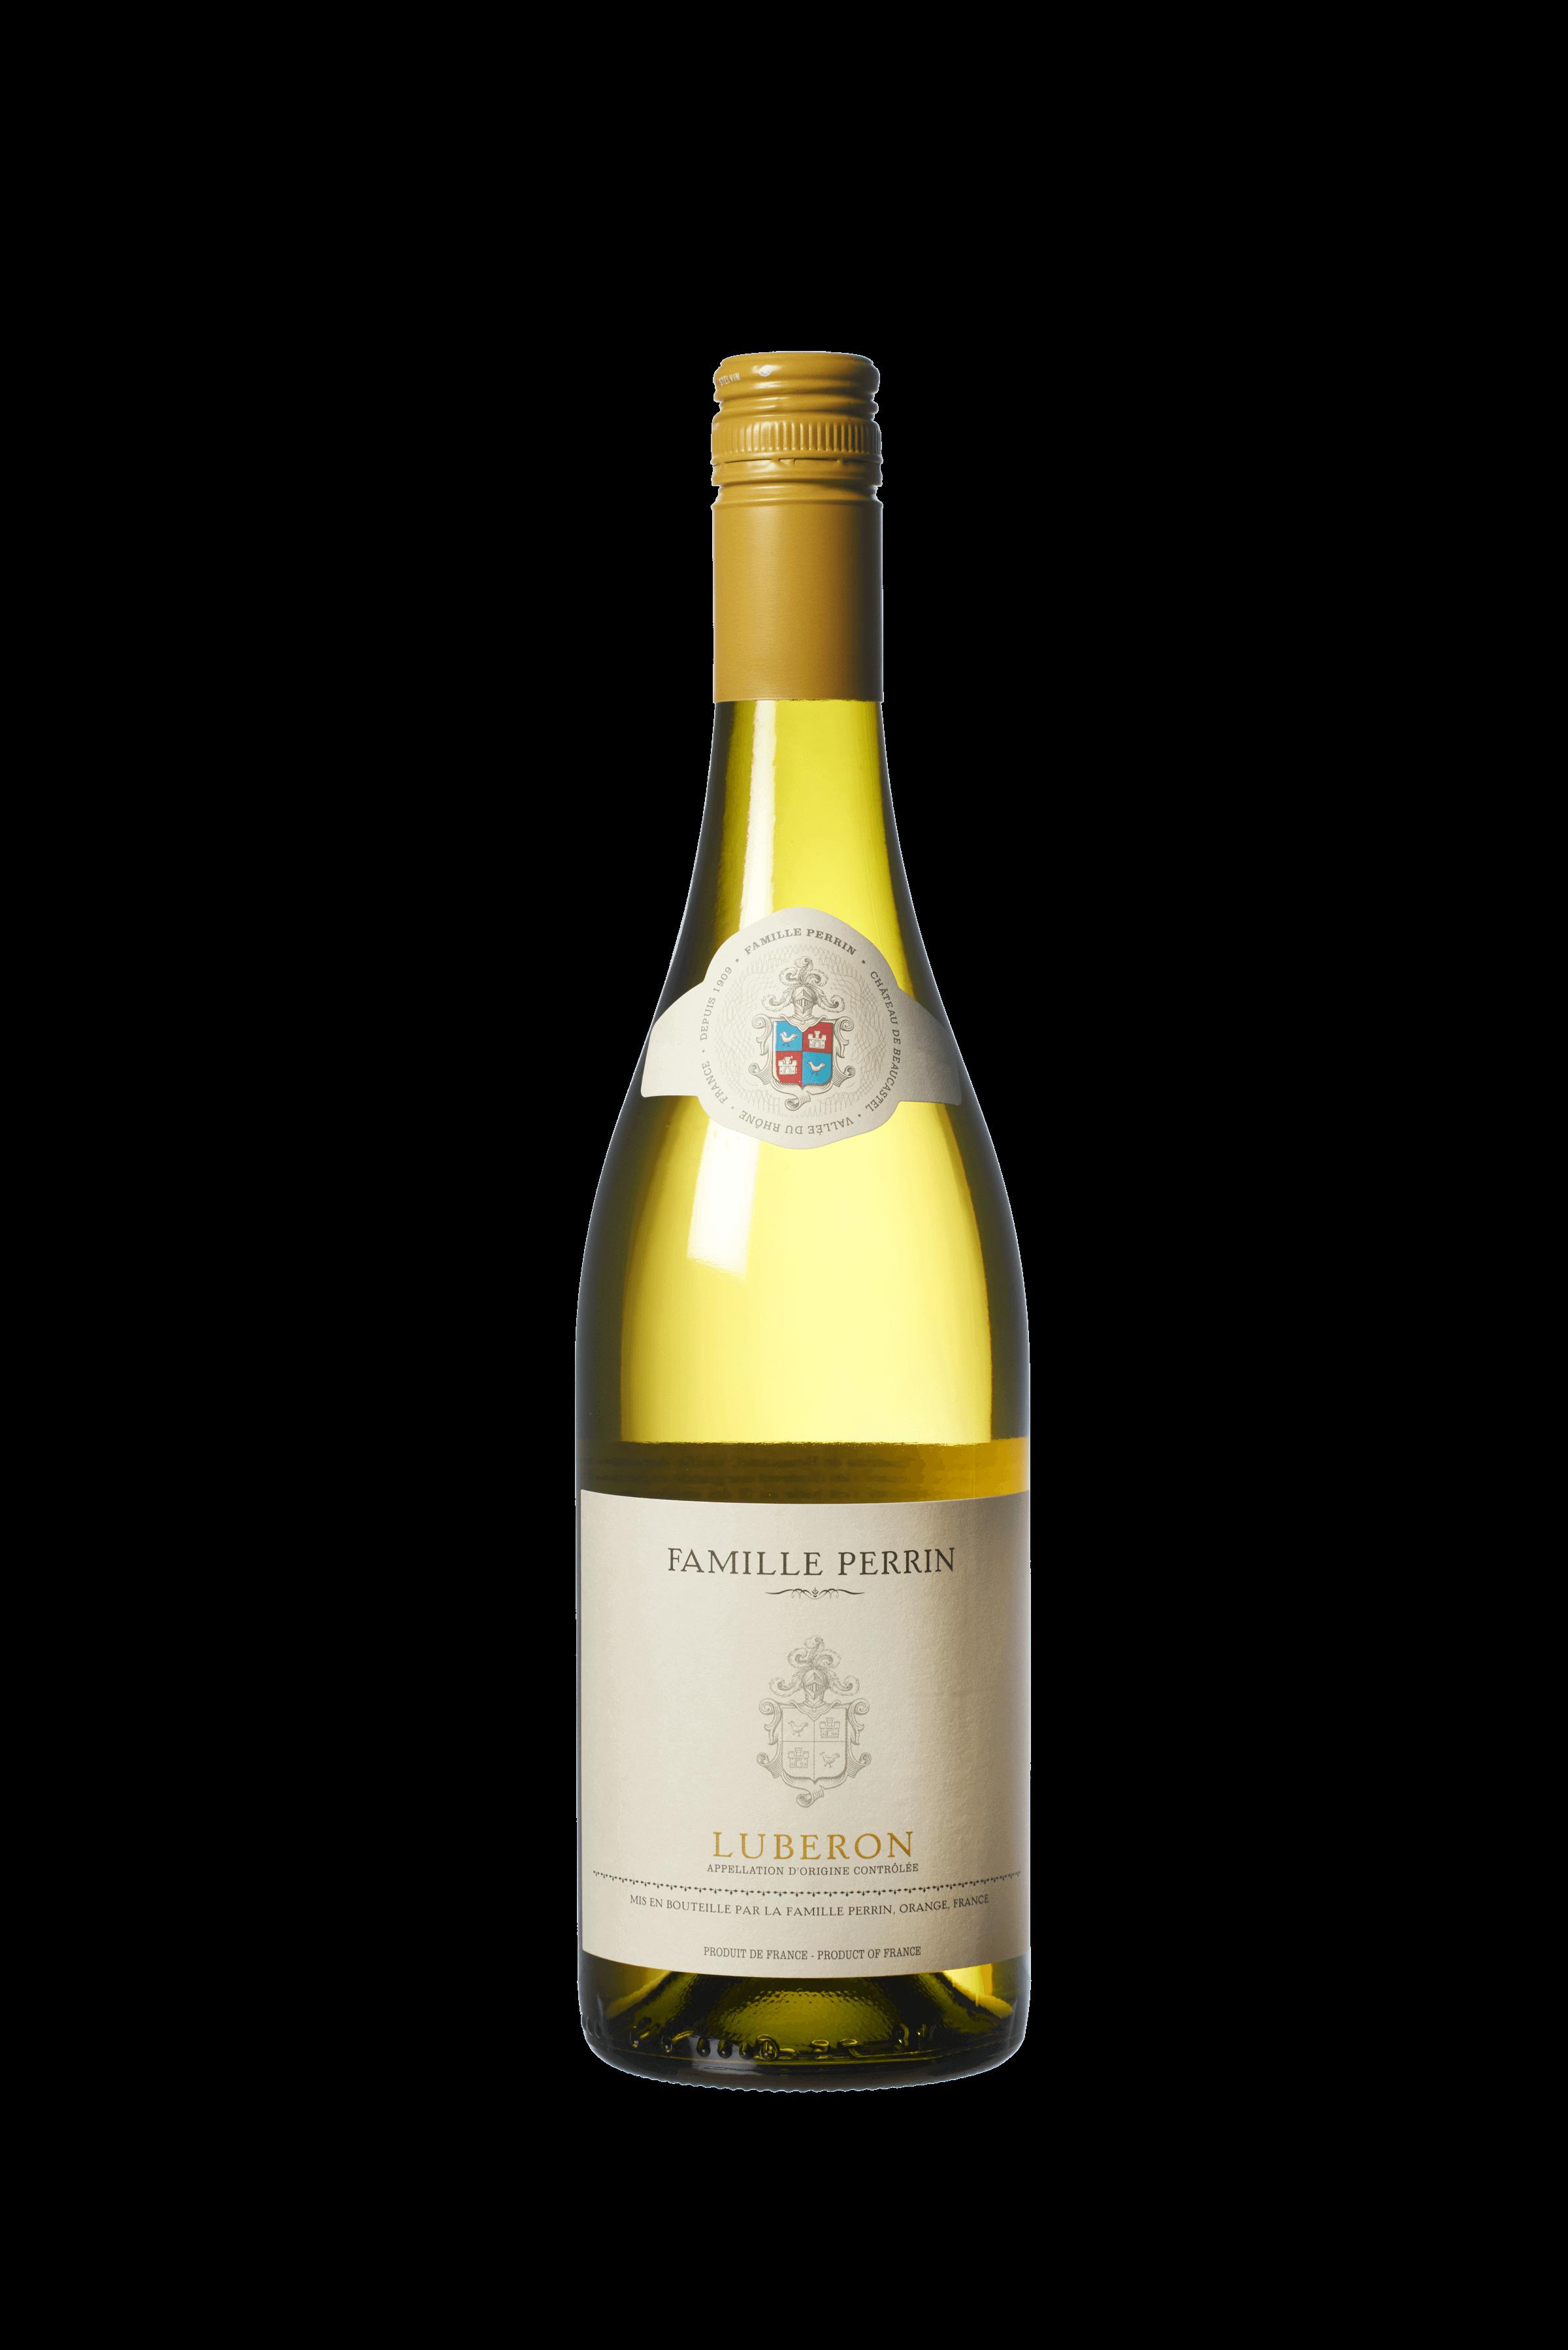 Famille Perrin - Luberon Blanc, AOC 2018